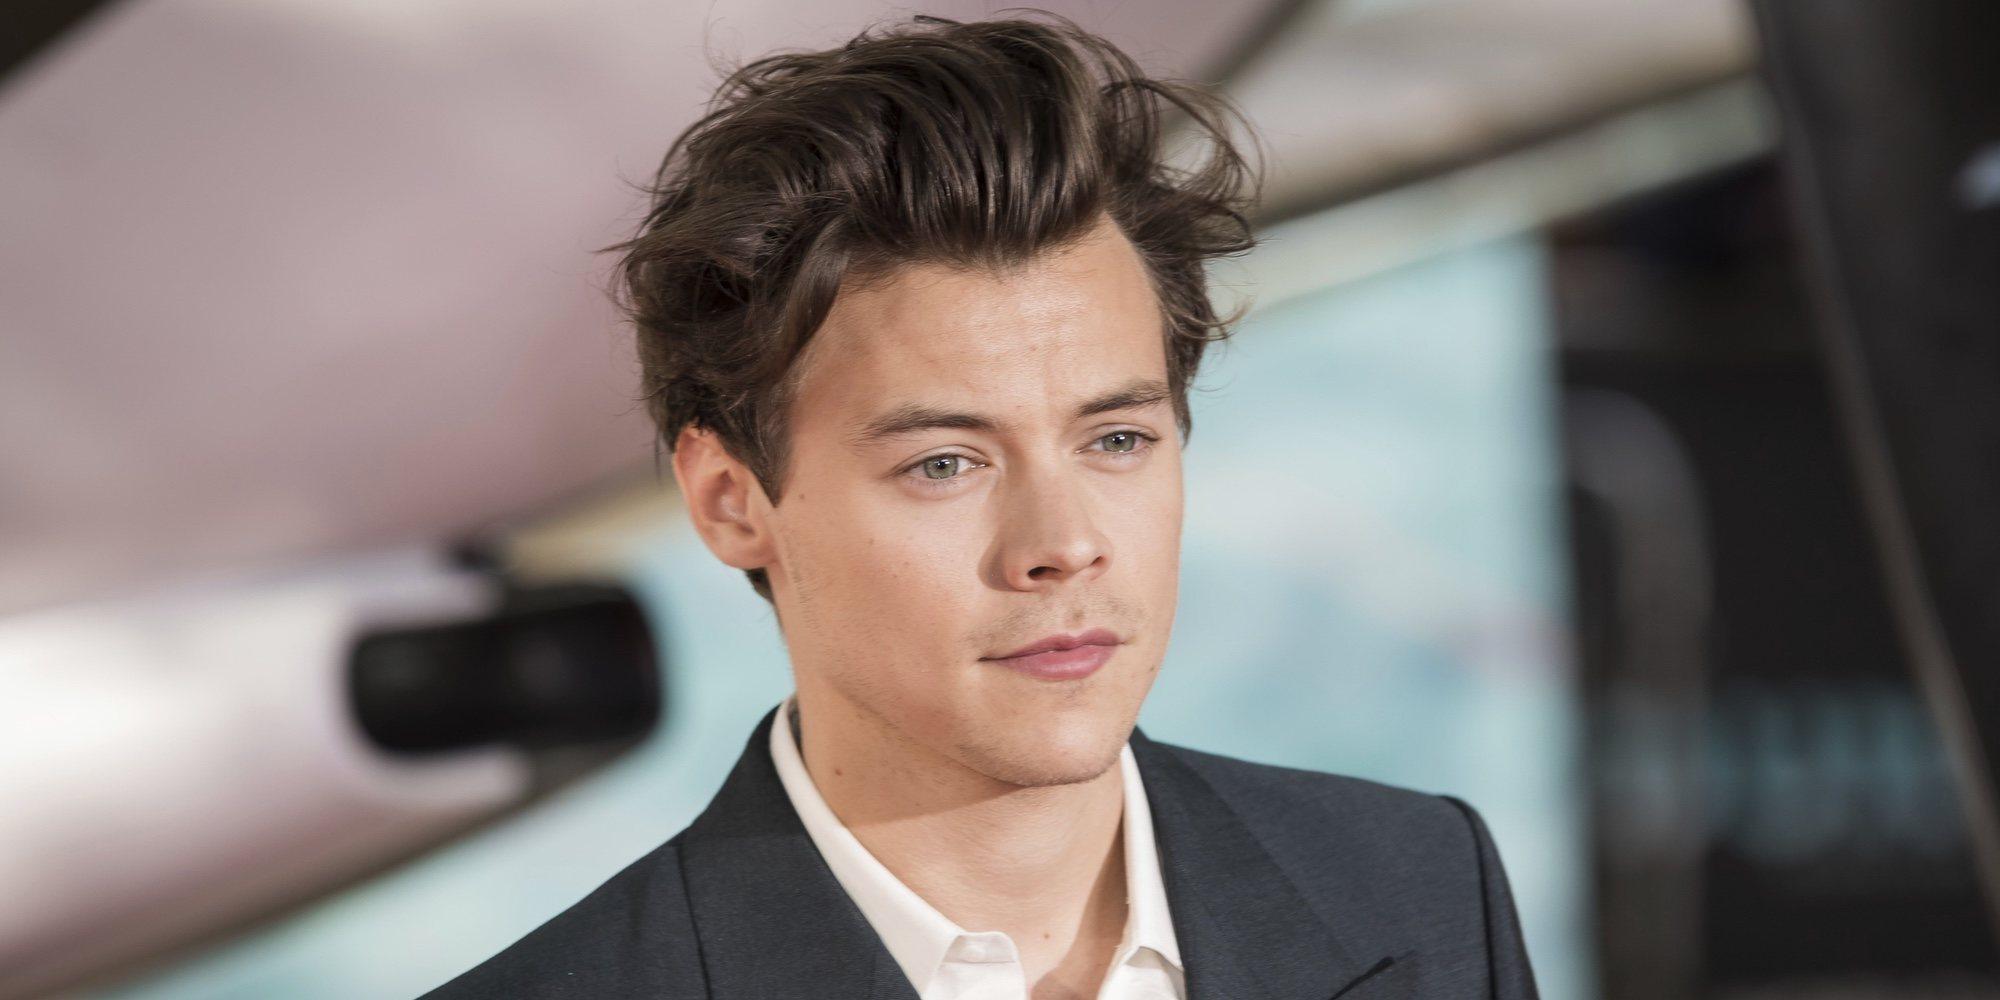 Harry Styles rompe su silencio sobre el robo que sufrió a punta de cuchillo